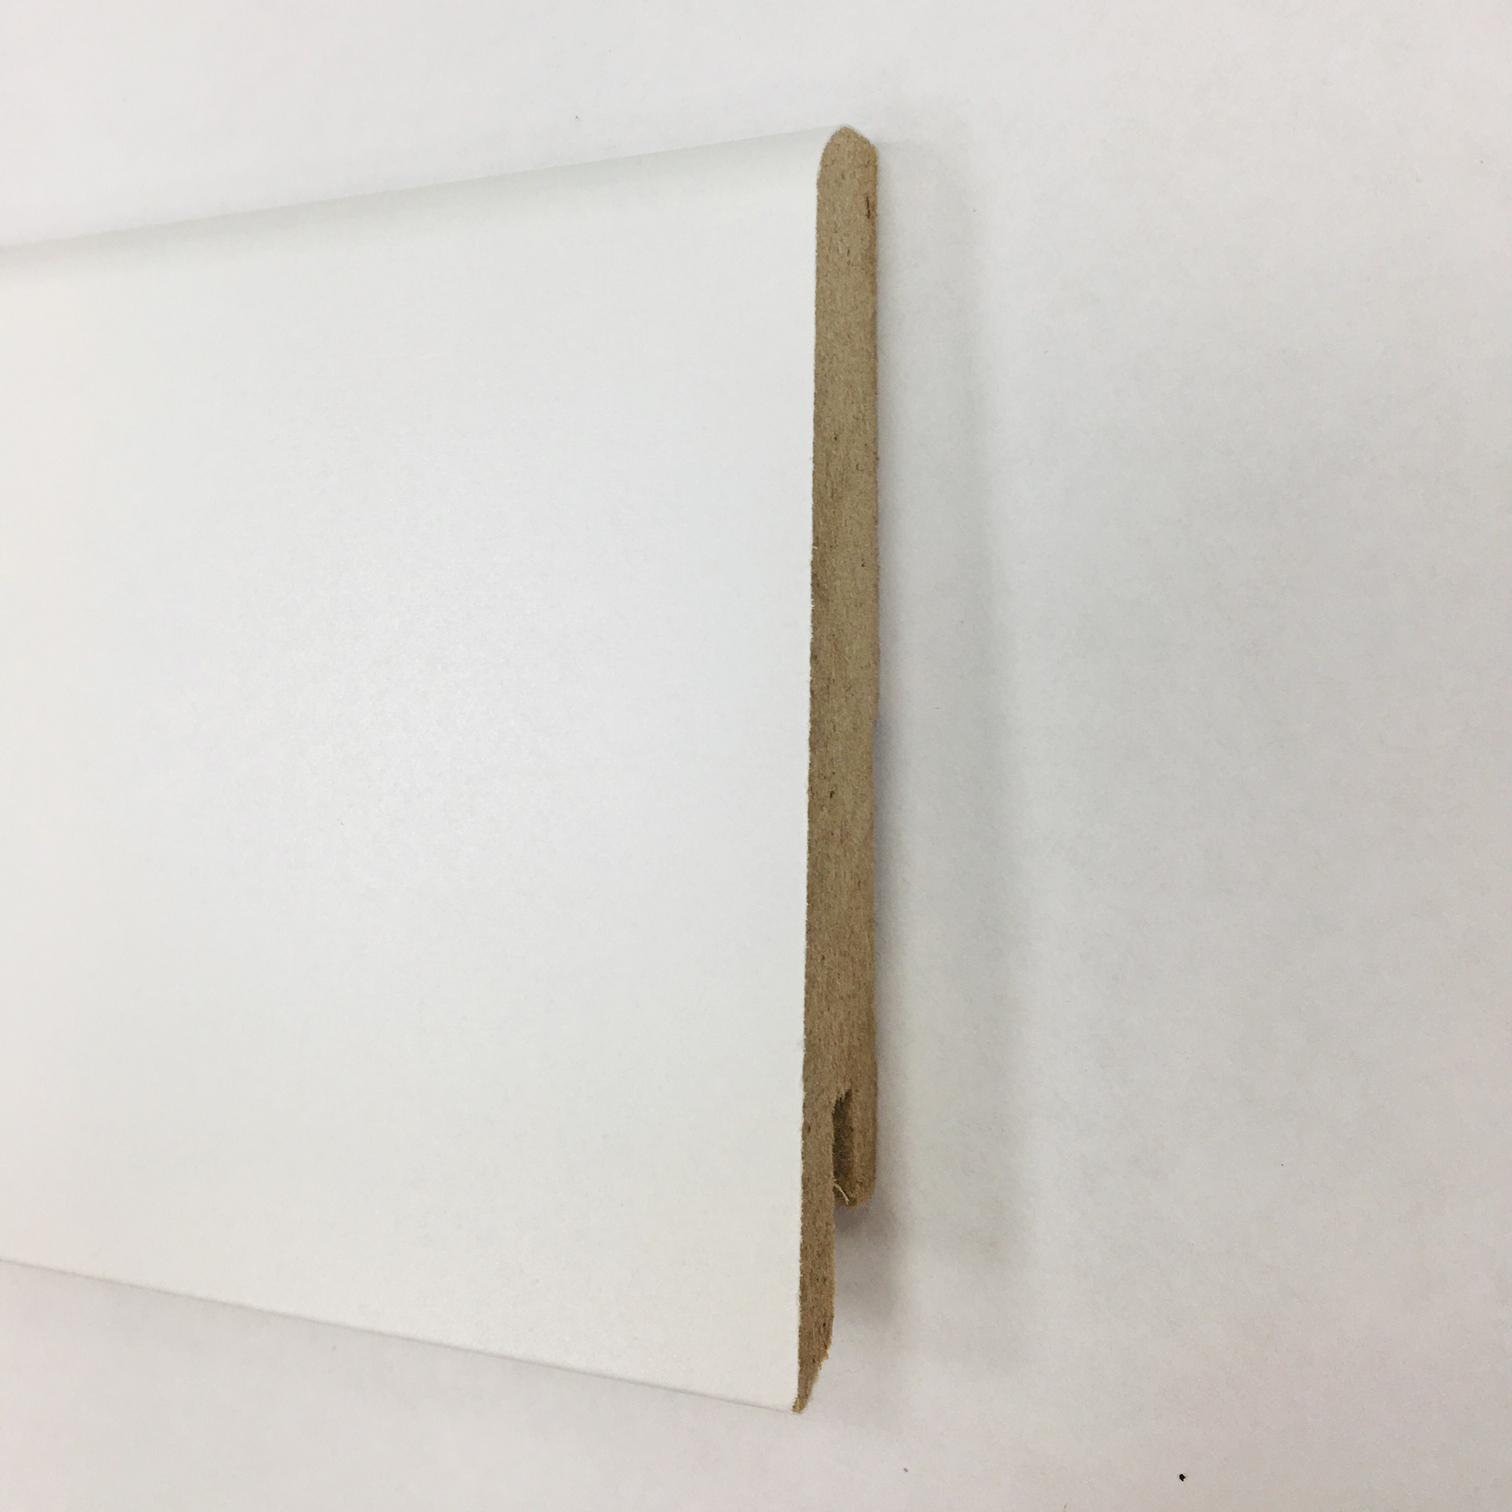 Plinthe de haute qualite - Plinthe mdf blanc 80x15 dinachoc p801 - certifié pefc 70%